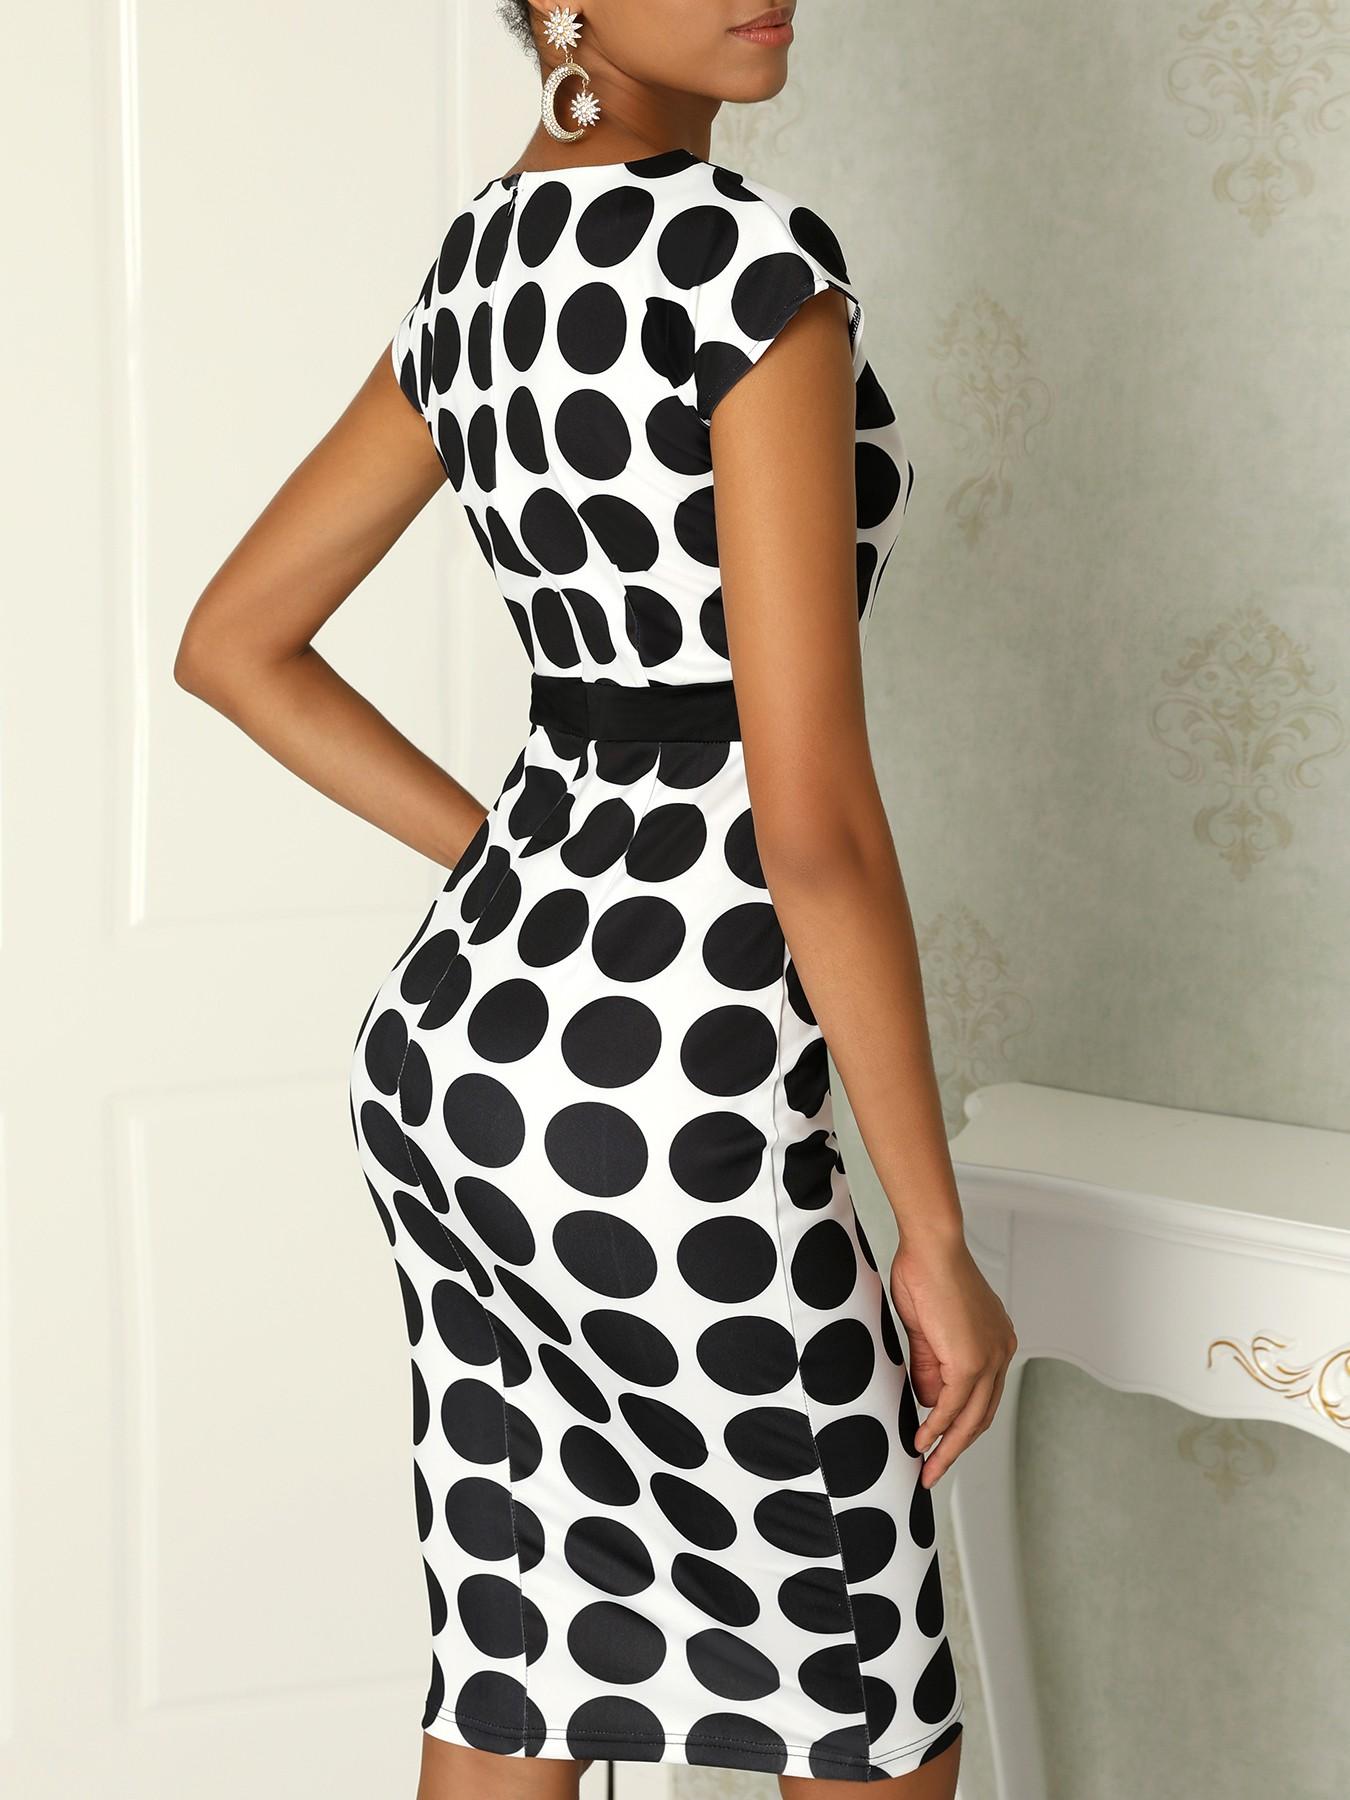 boutiquefeel / Formal Polka Dot Print V Neck Sheath Dress